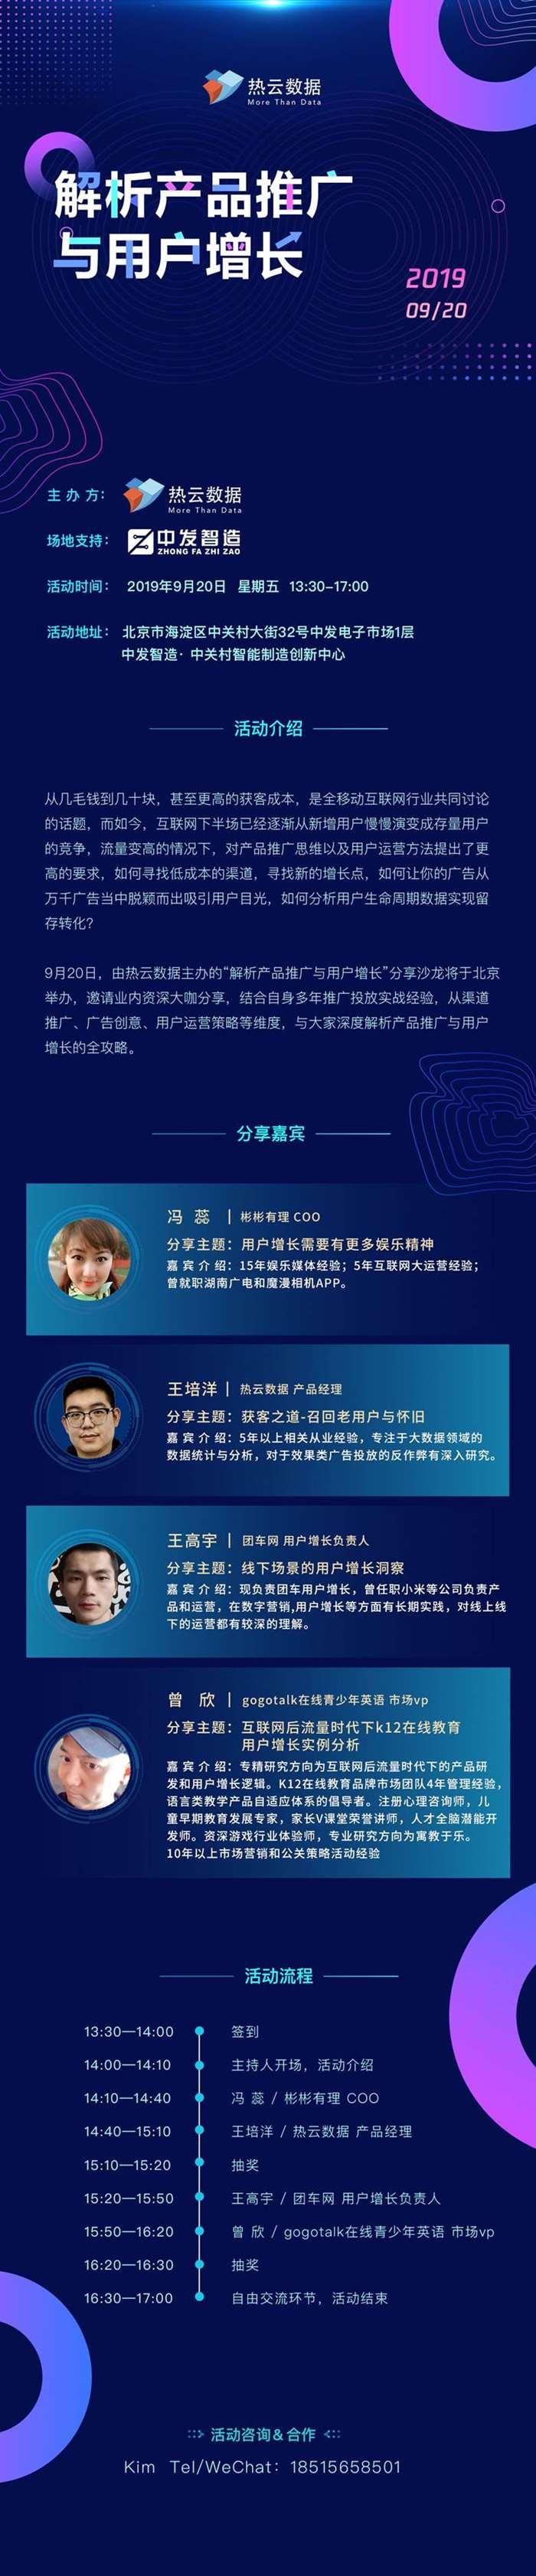 9月20日北京长图.jpg